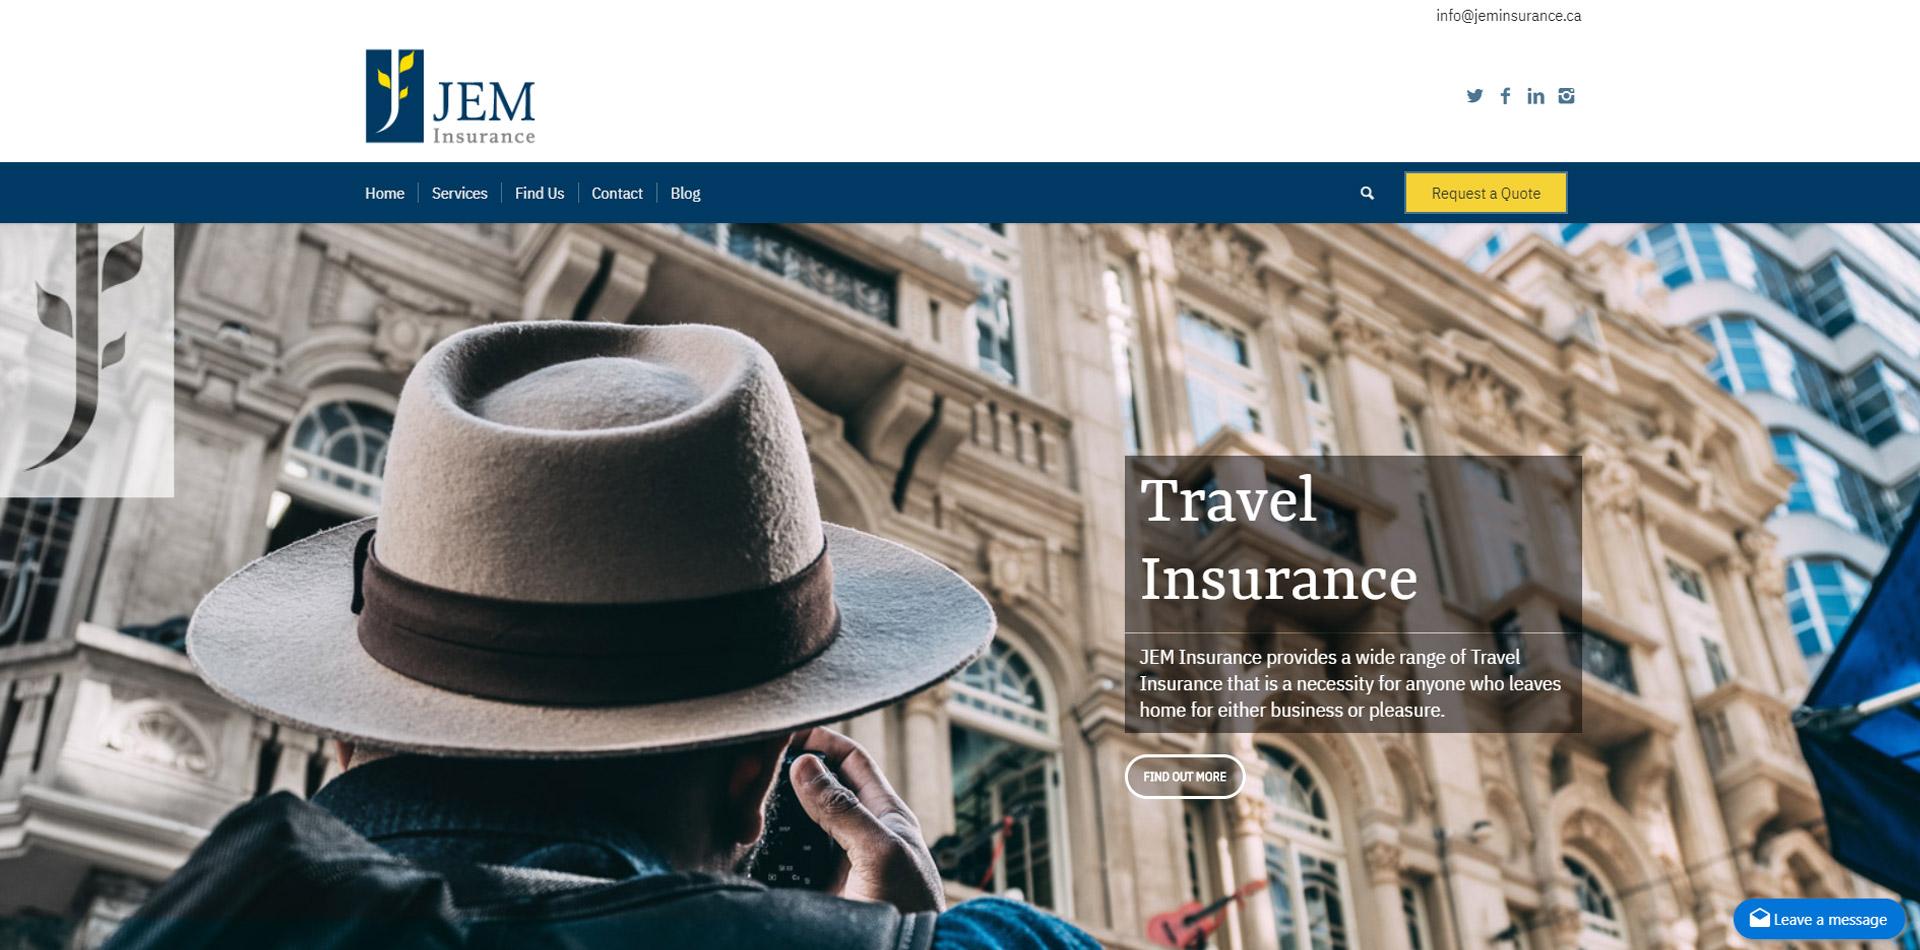 JEM Insurance